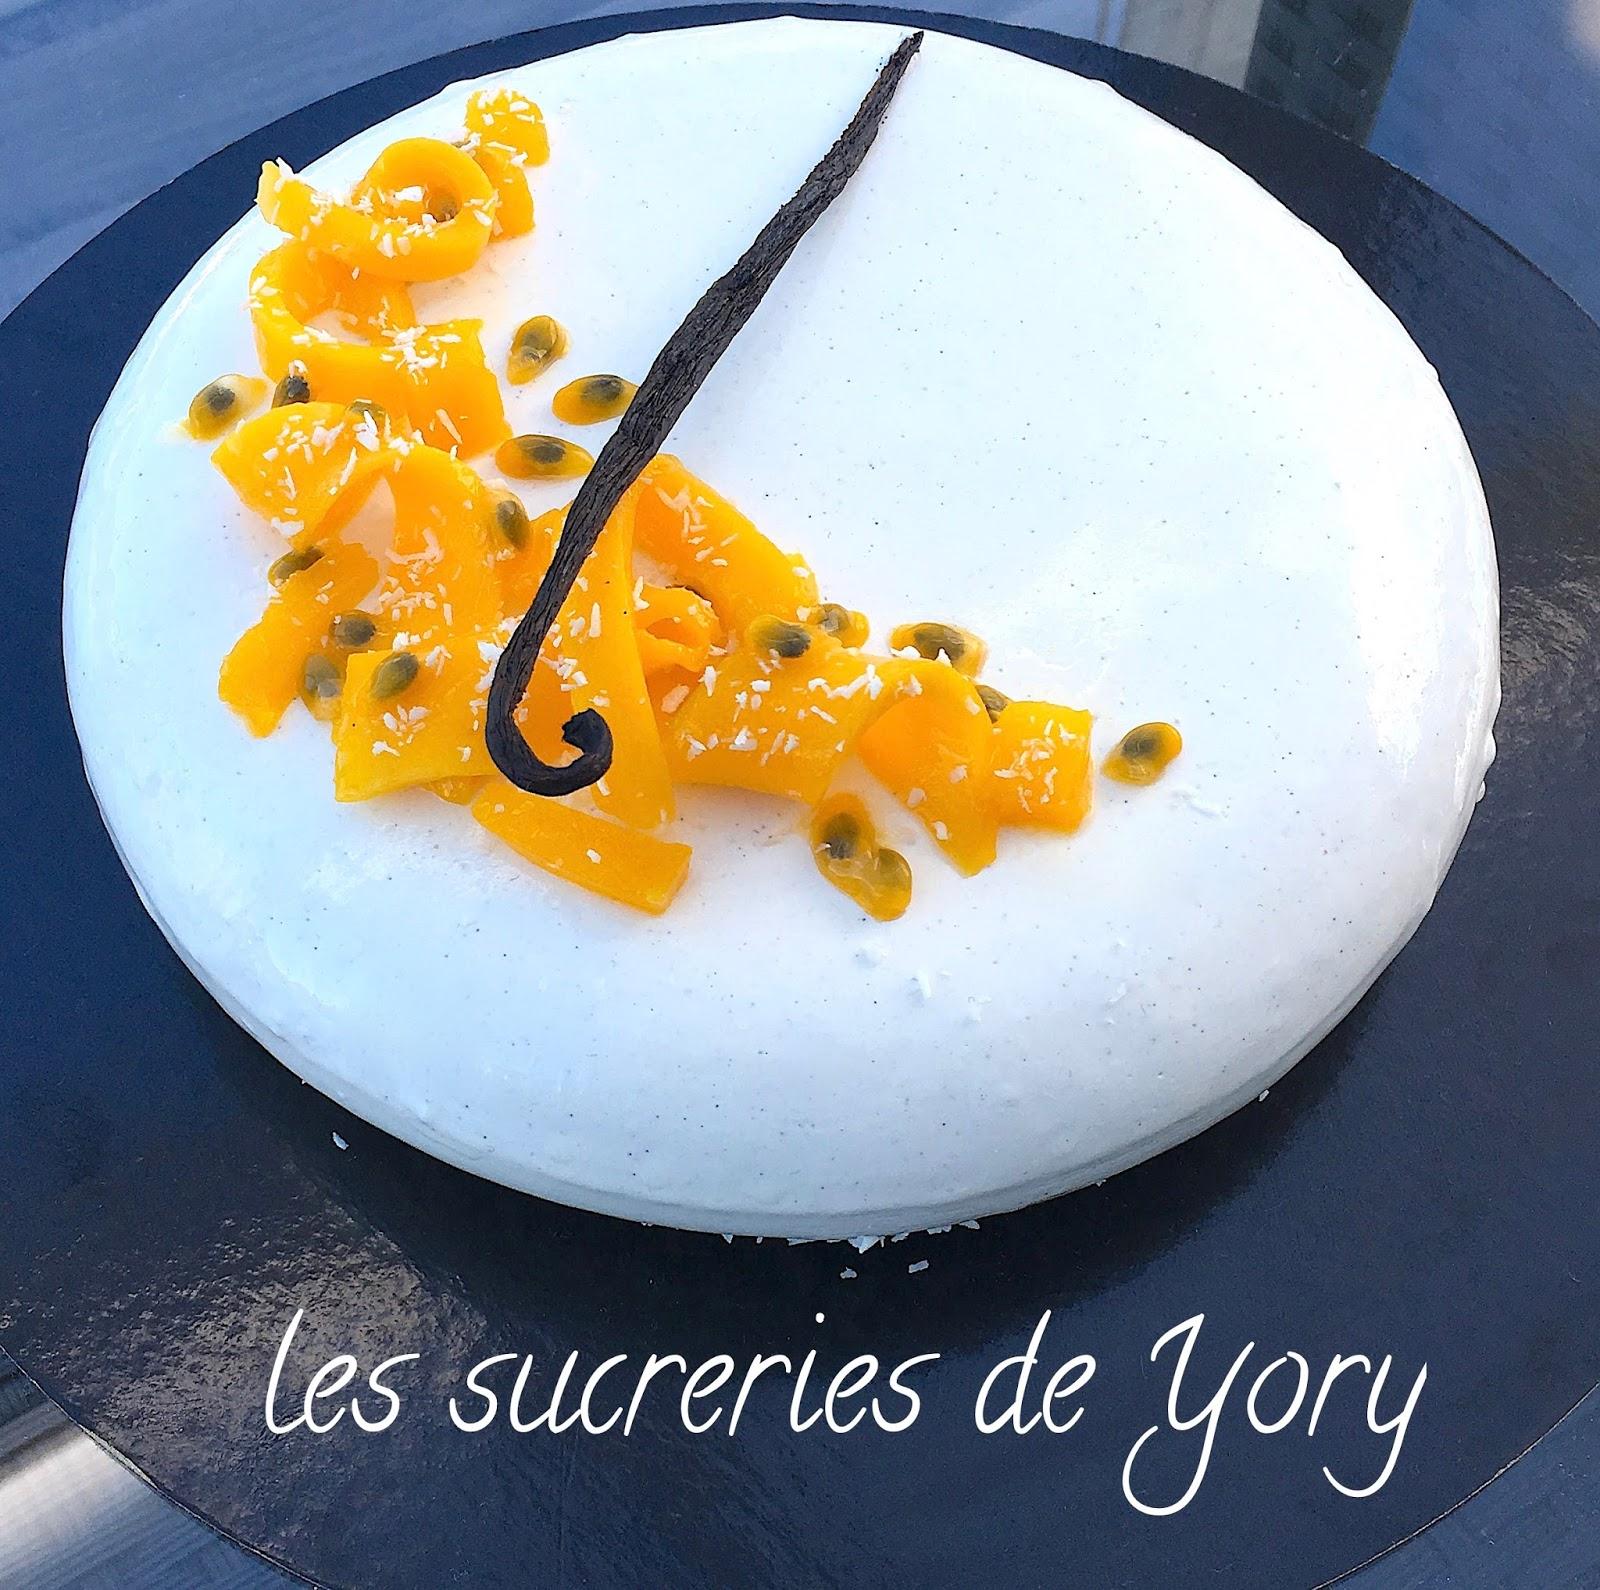 Les sucreries de yory entremet vanille exotique for Miroir de sucre